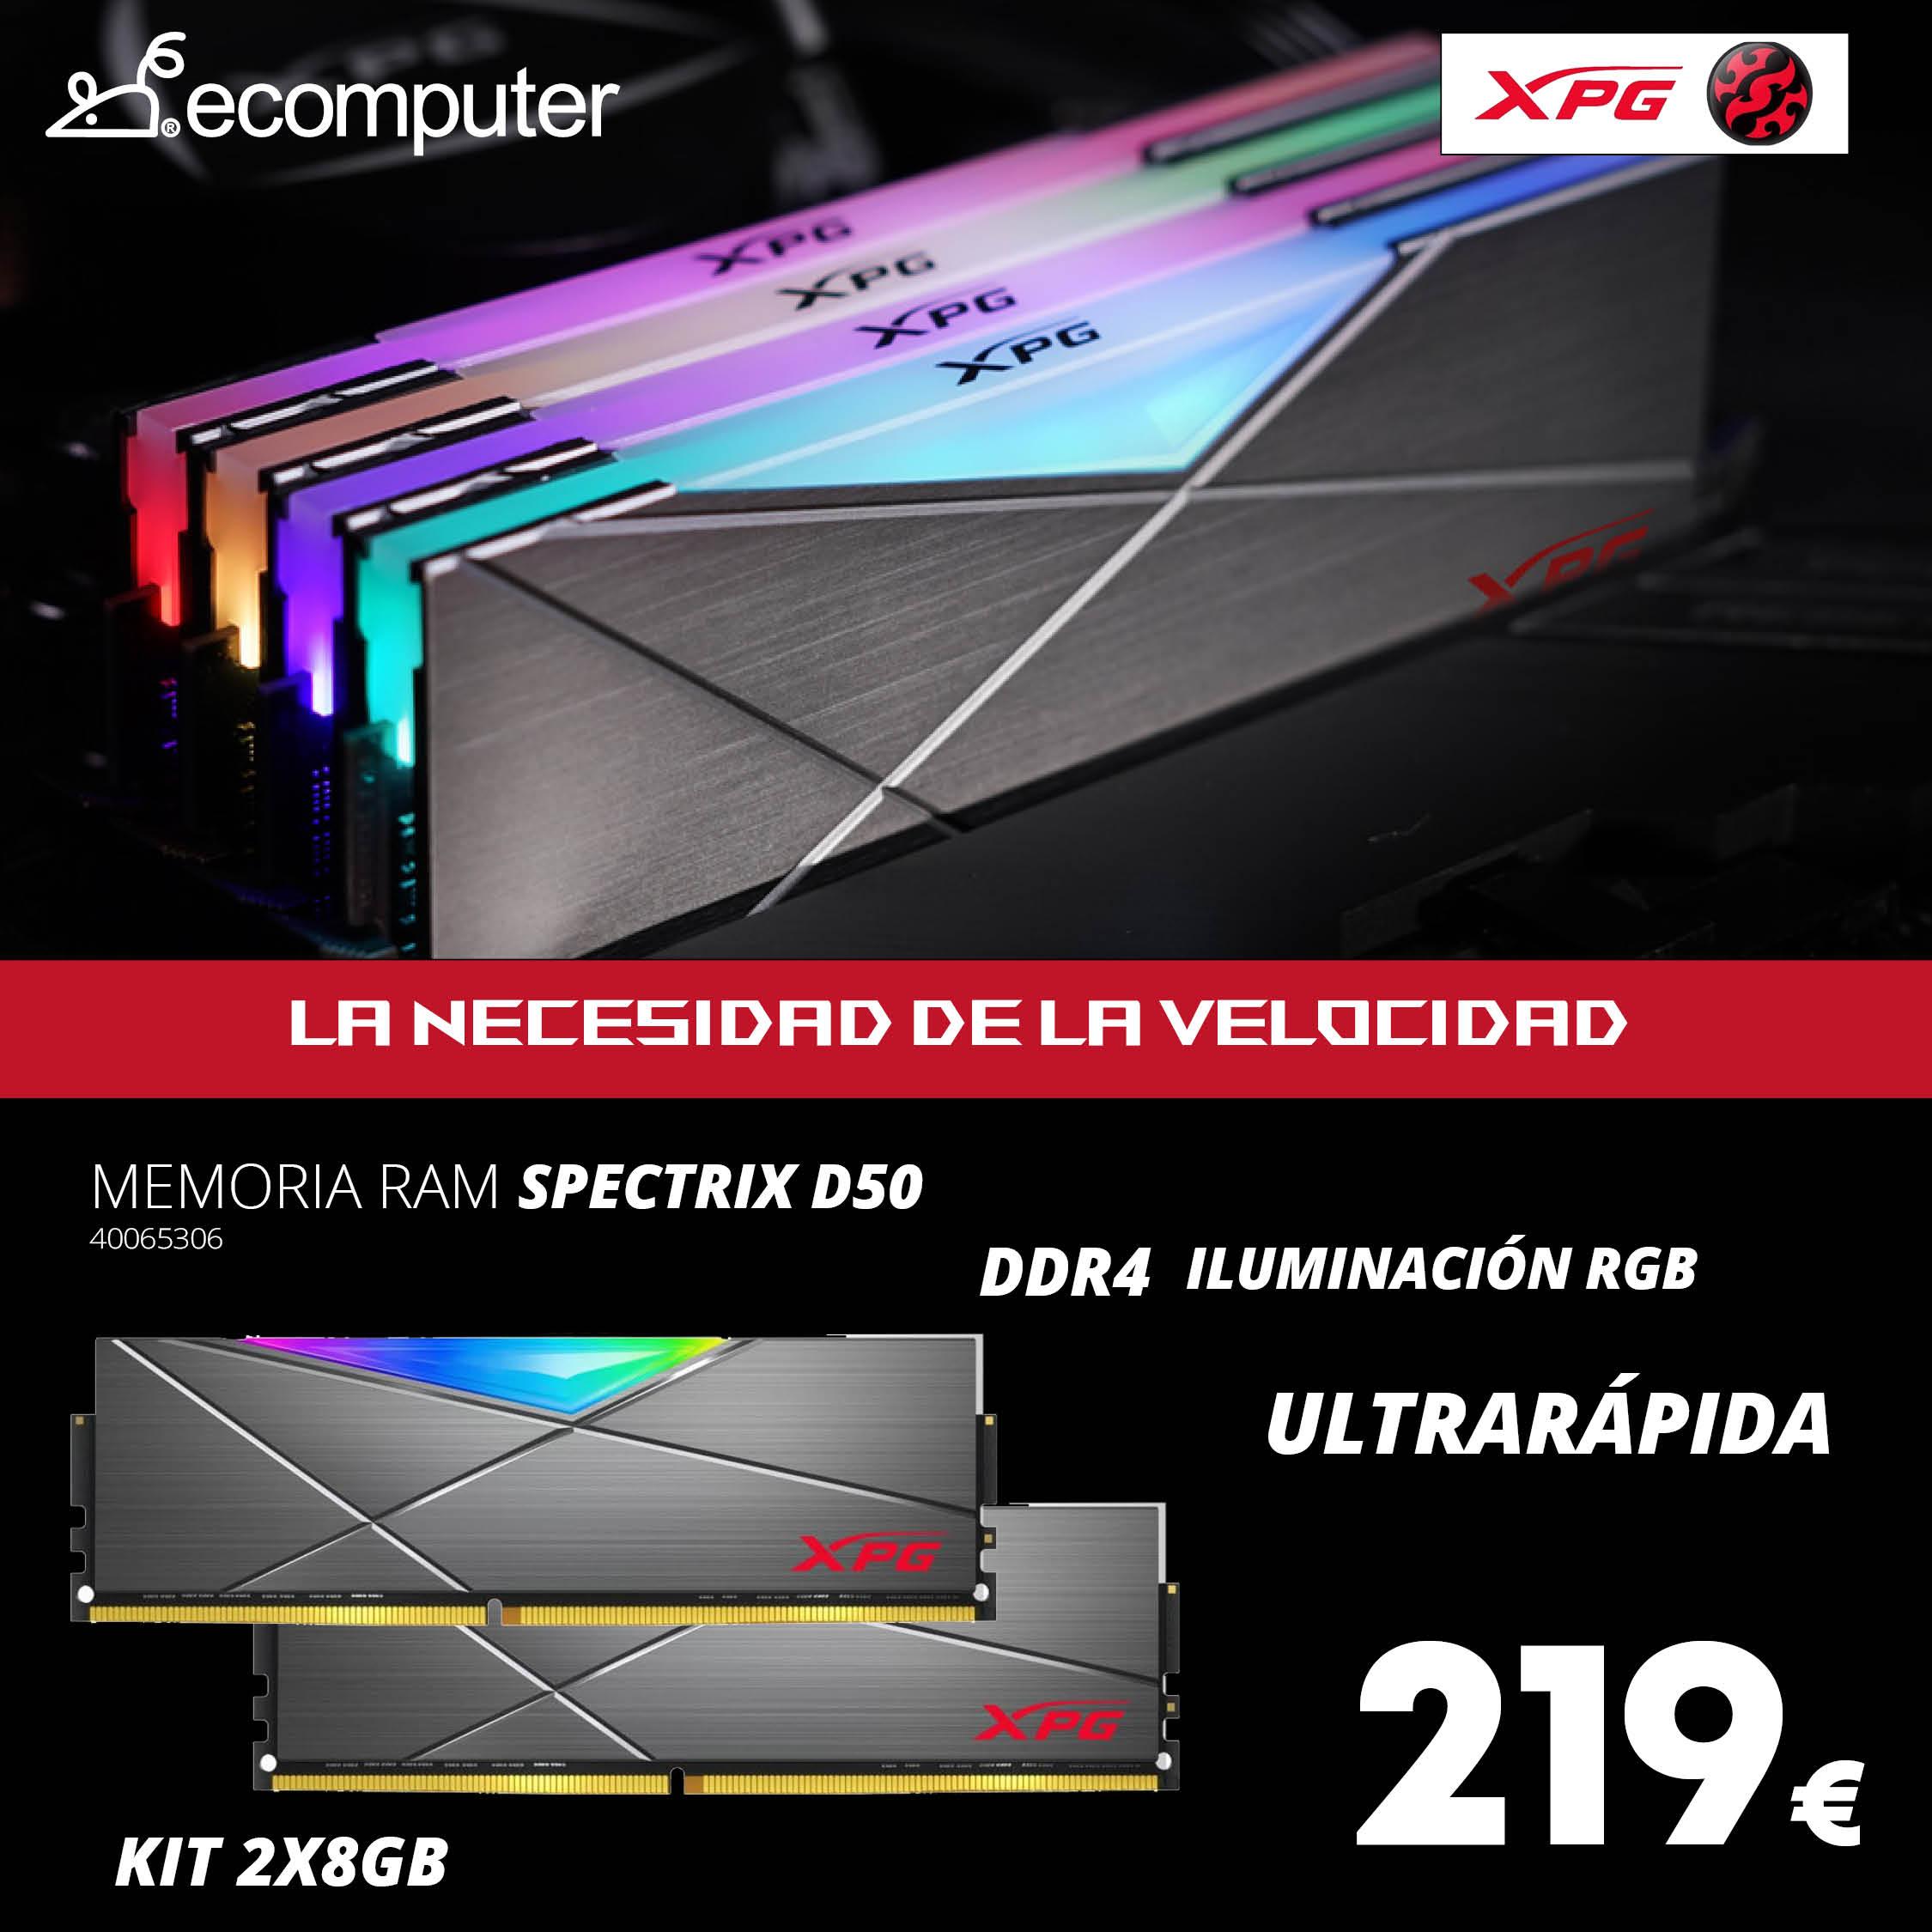 Memoria RAM SPECTRIX